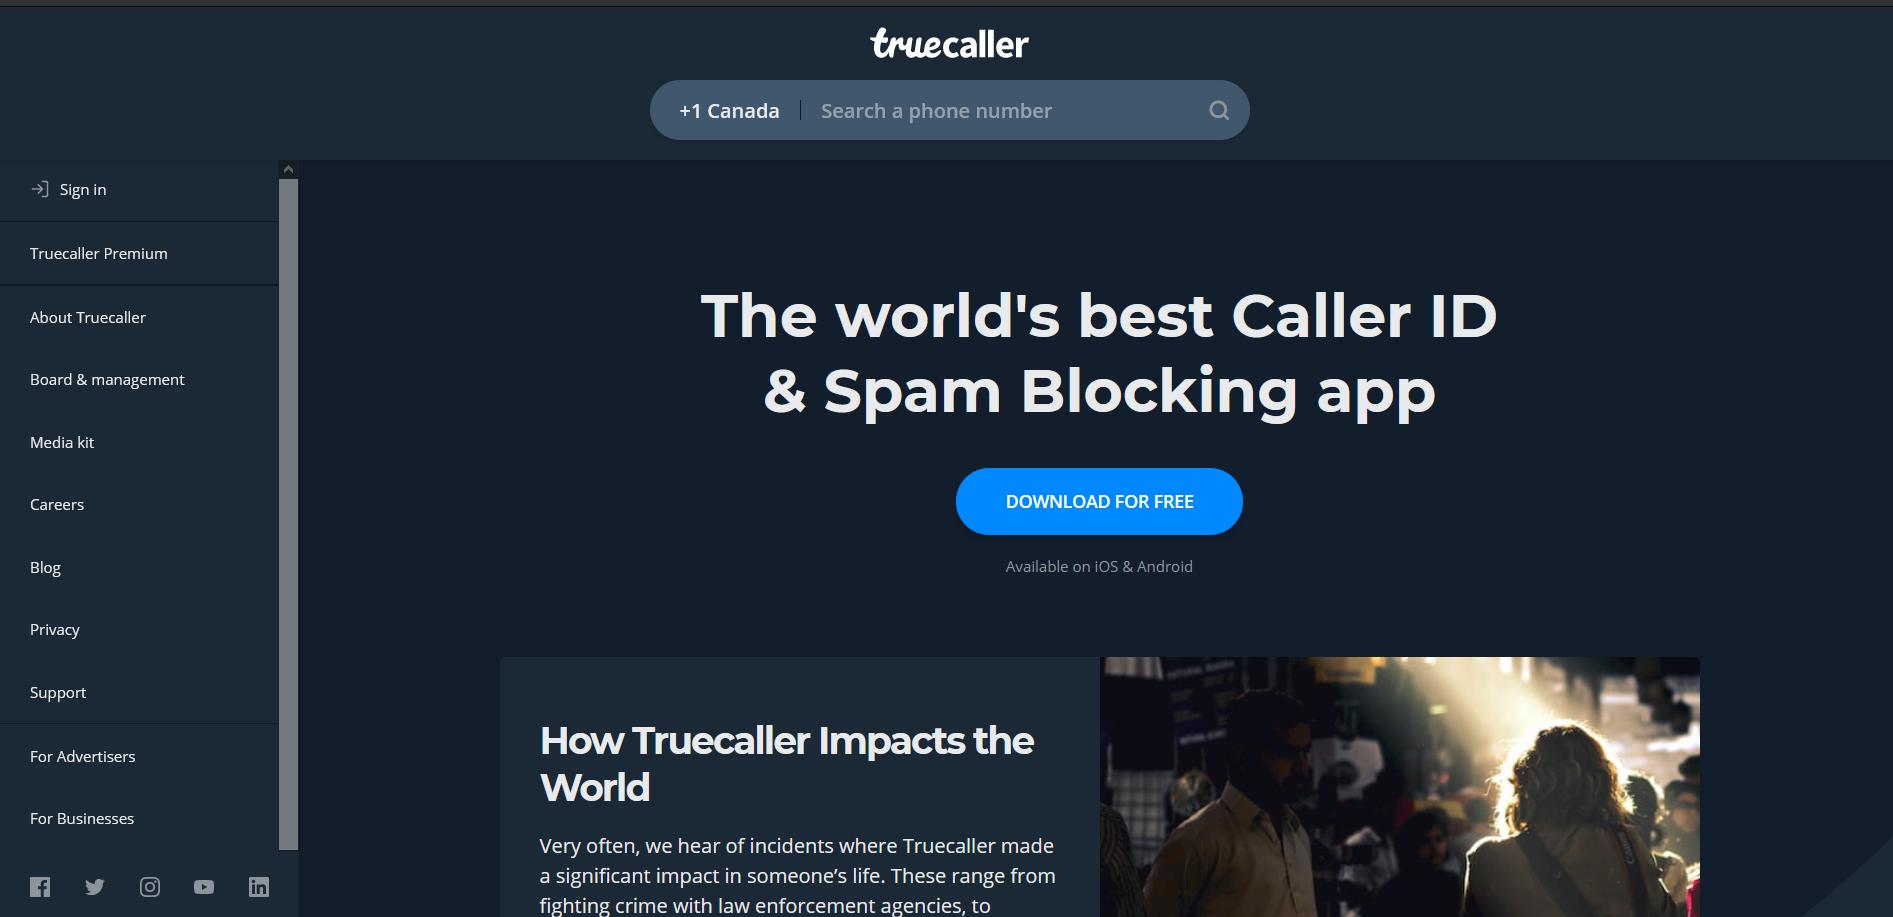 Truecaller-Investigative-Journalism-Tools